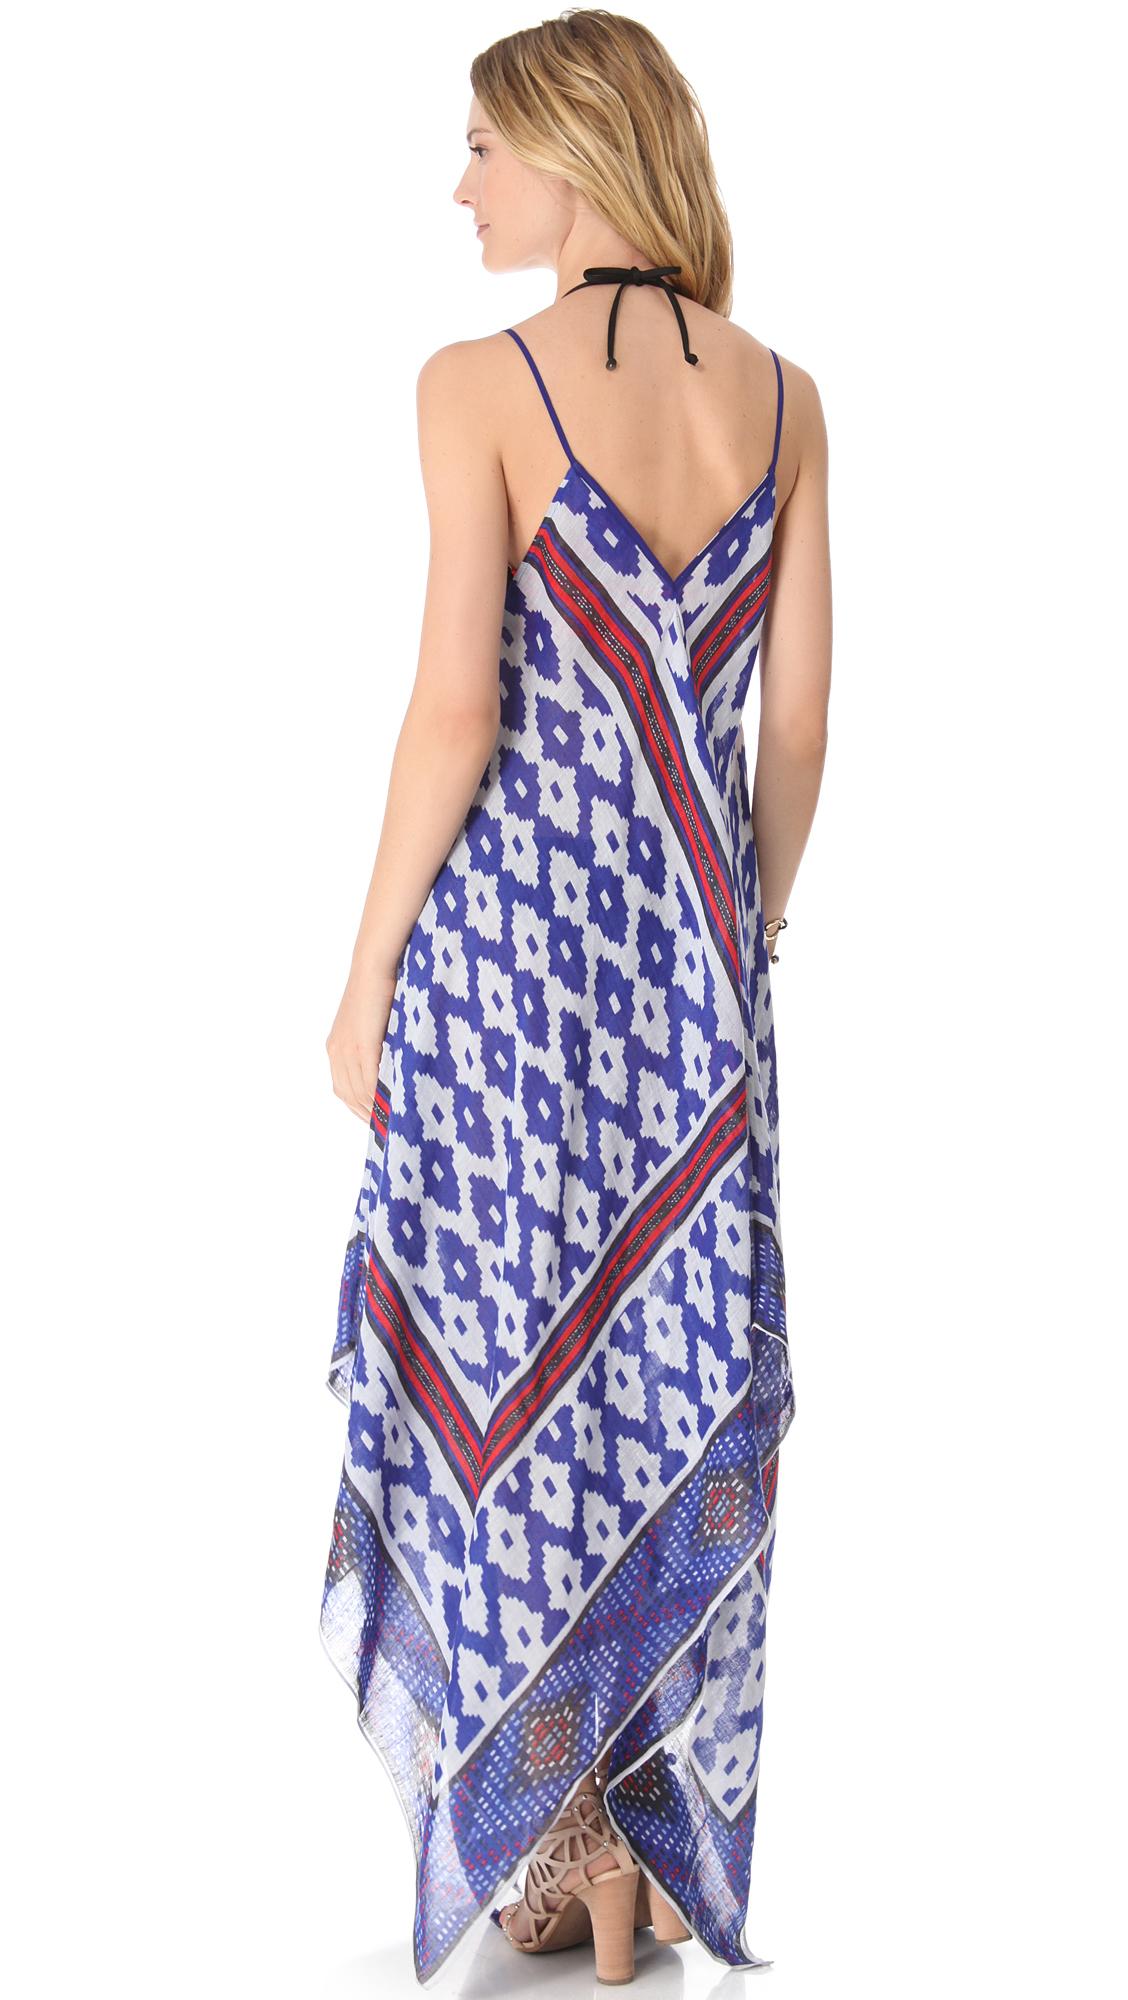 Lyst - Theodora & callum Amarillo Cover Up Dress in Blue